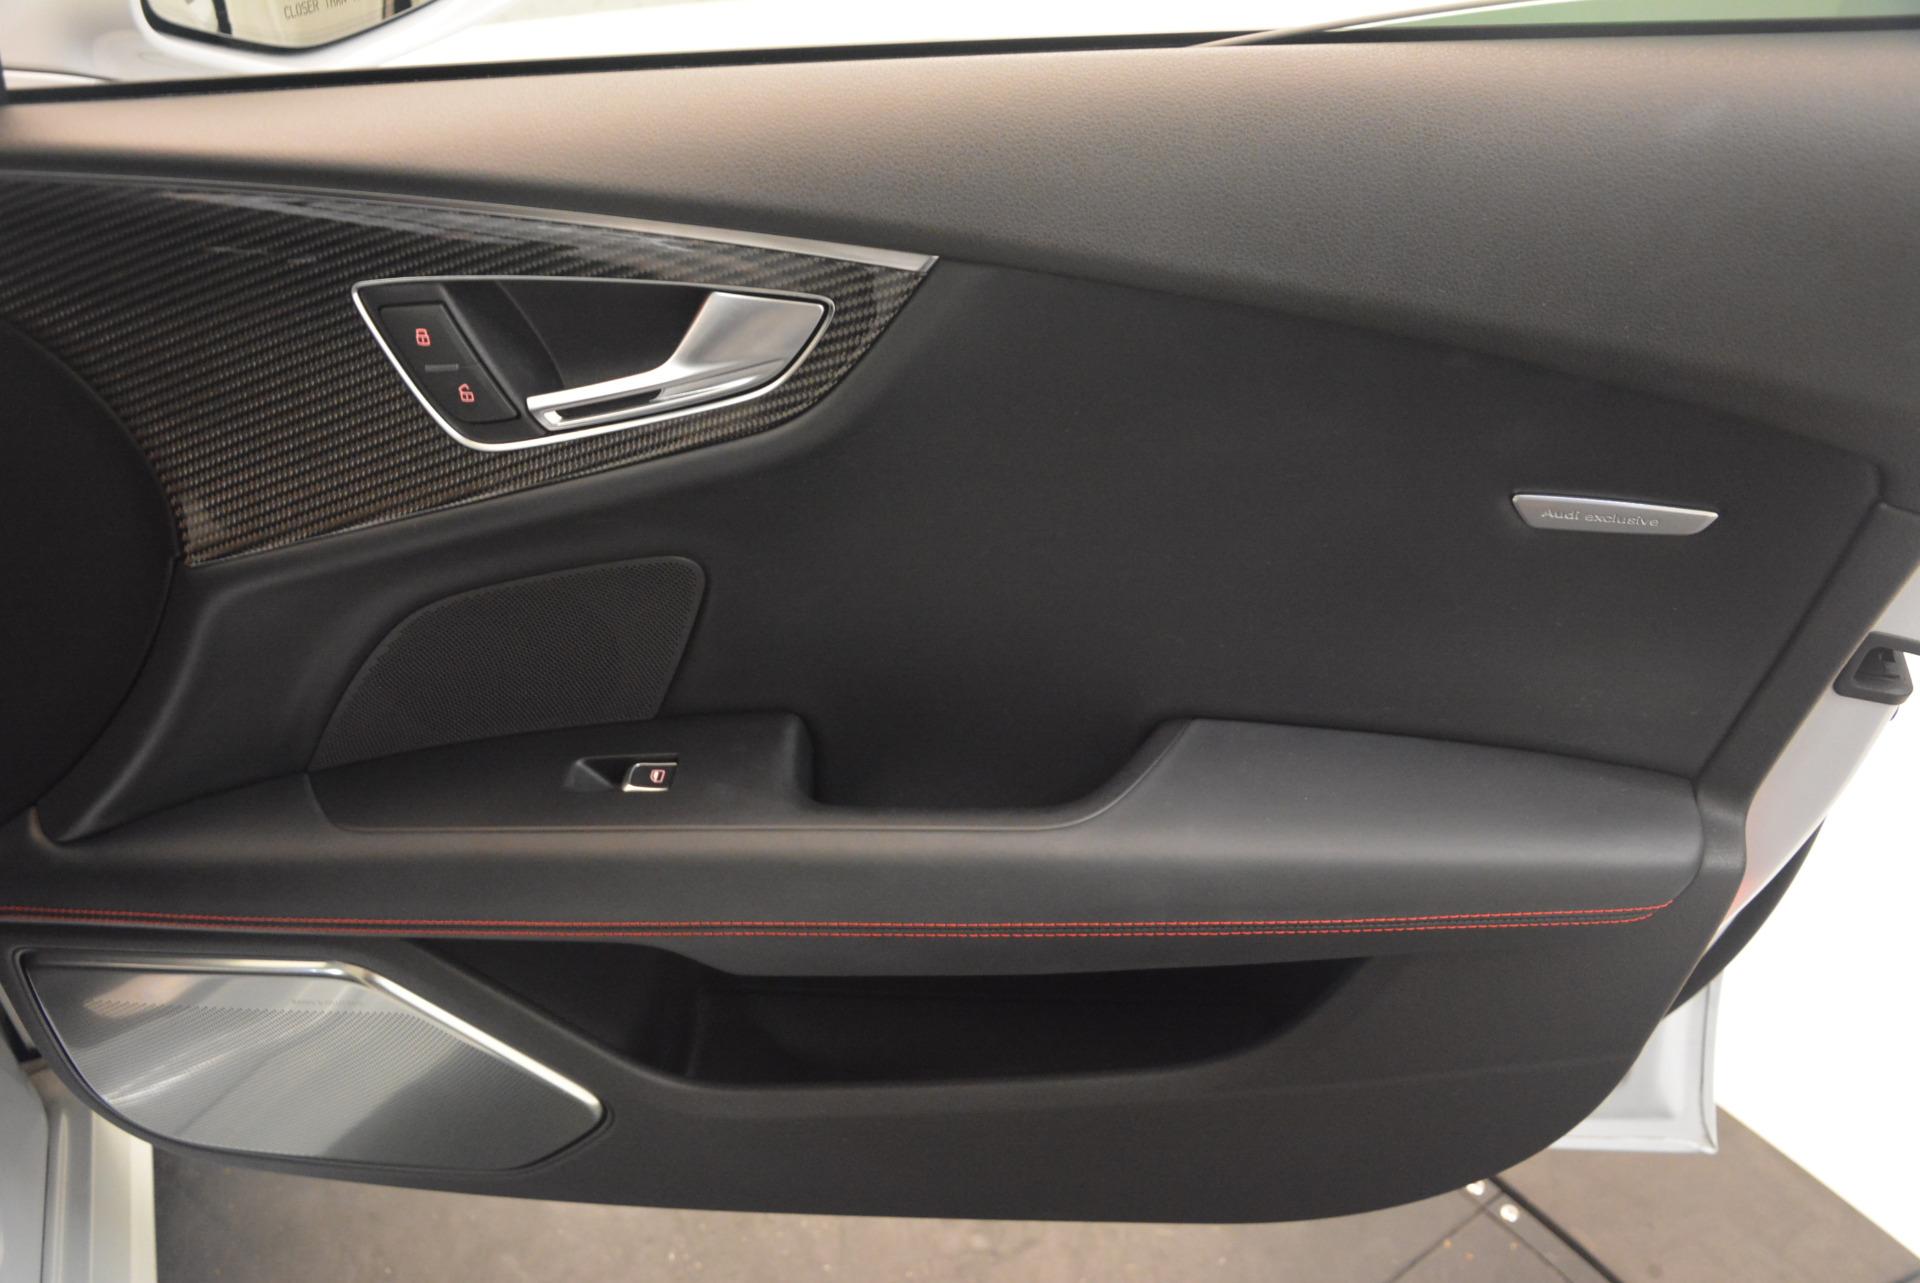 Used 2014 Audi RS 7 4.0T quattro Prestige For Sale In Westport, CT 1262_p40